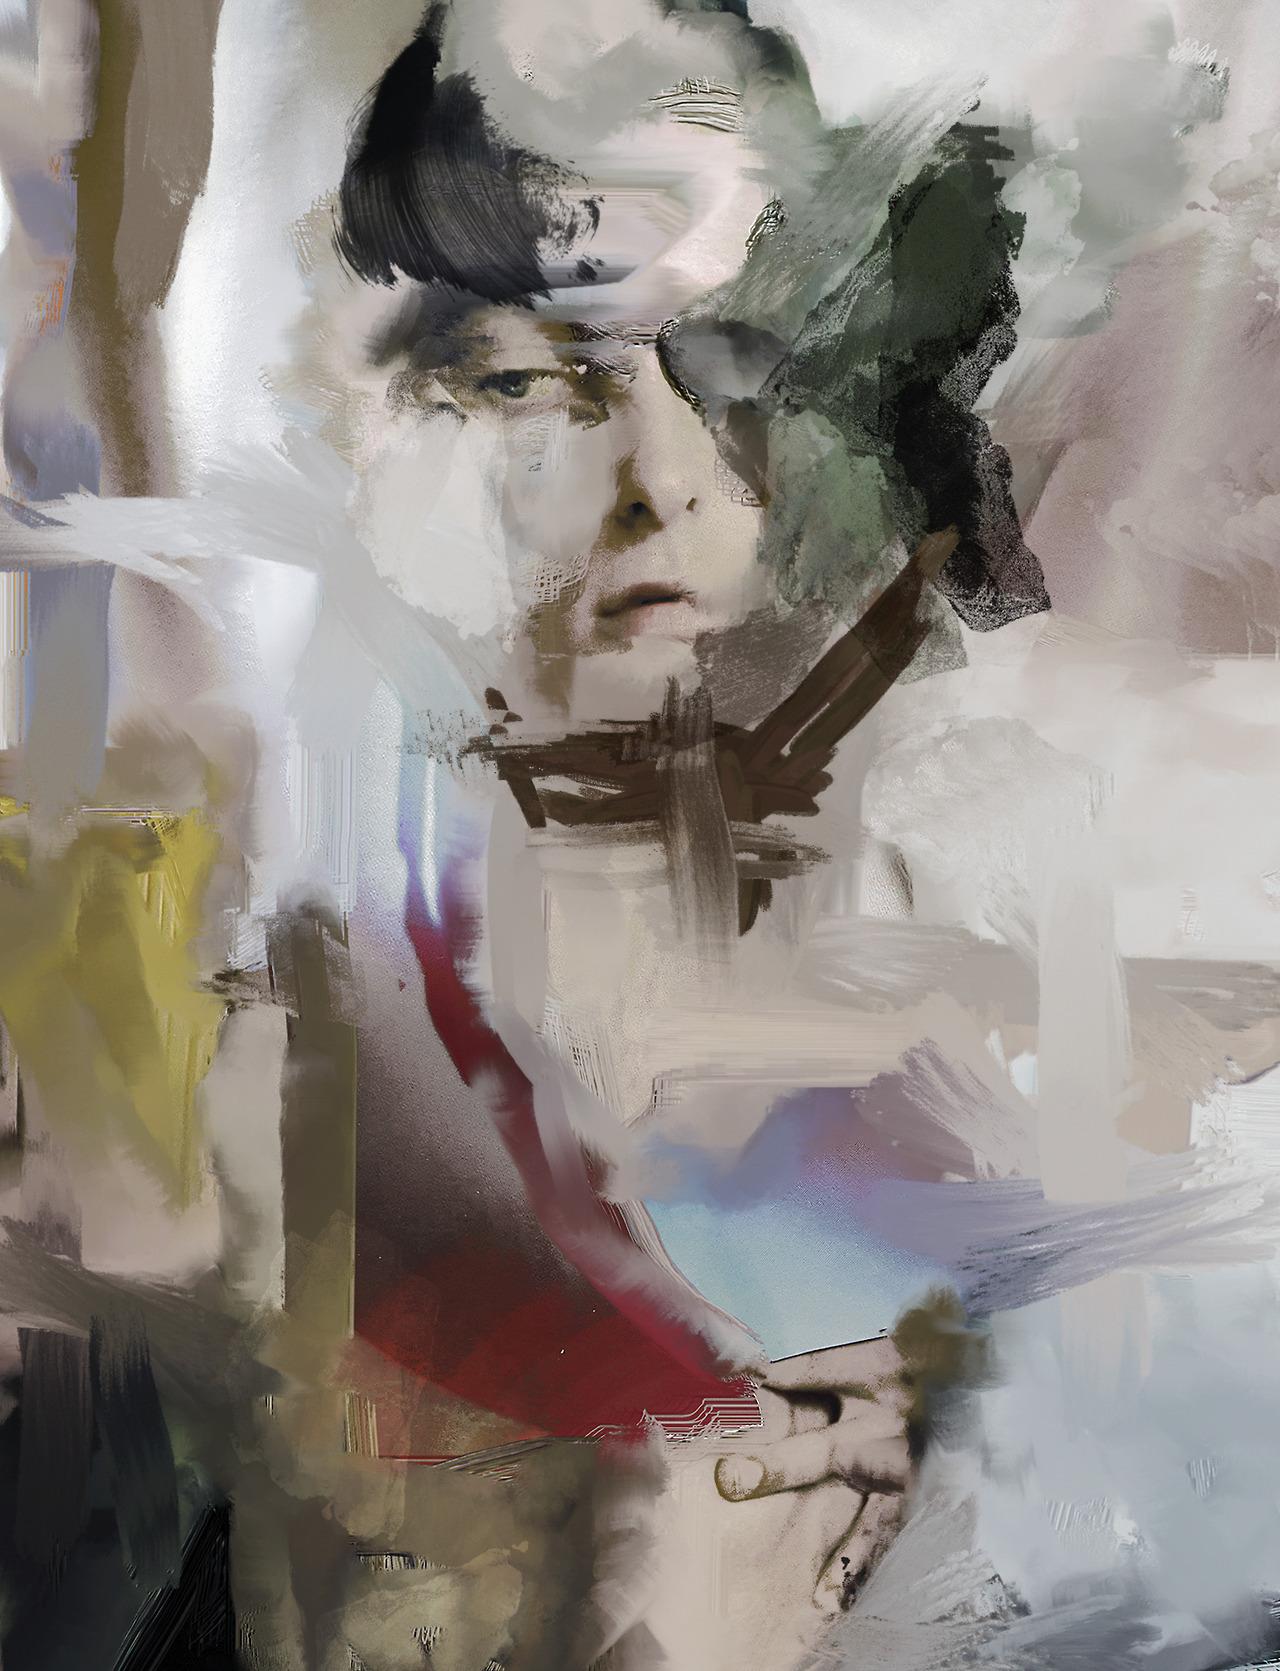 καλλιτέχνης ζωγραφικής πετρελαίου ernesto artillo